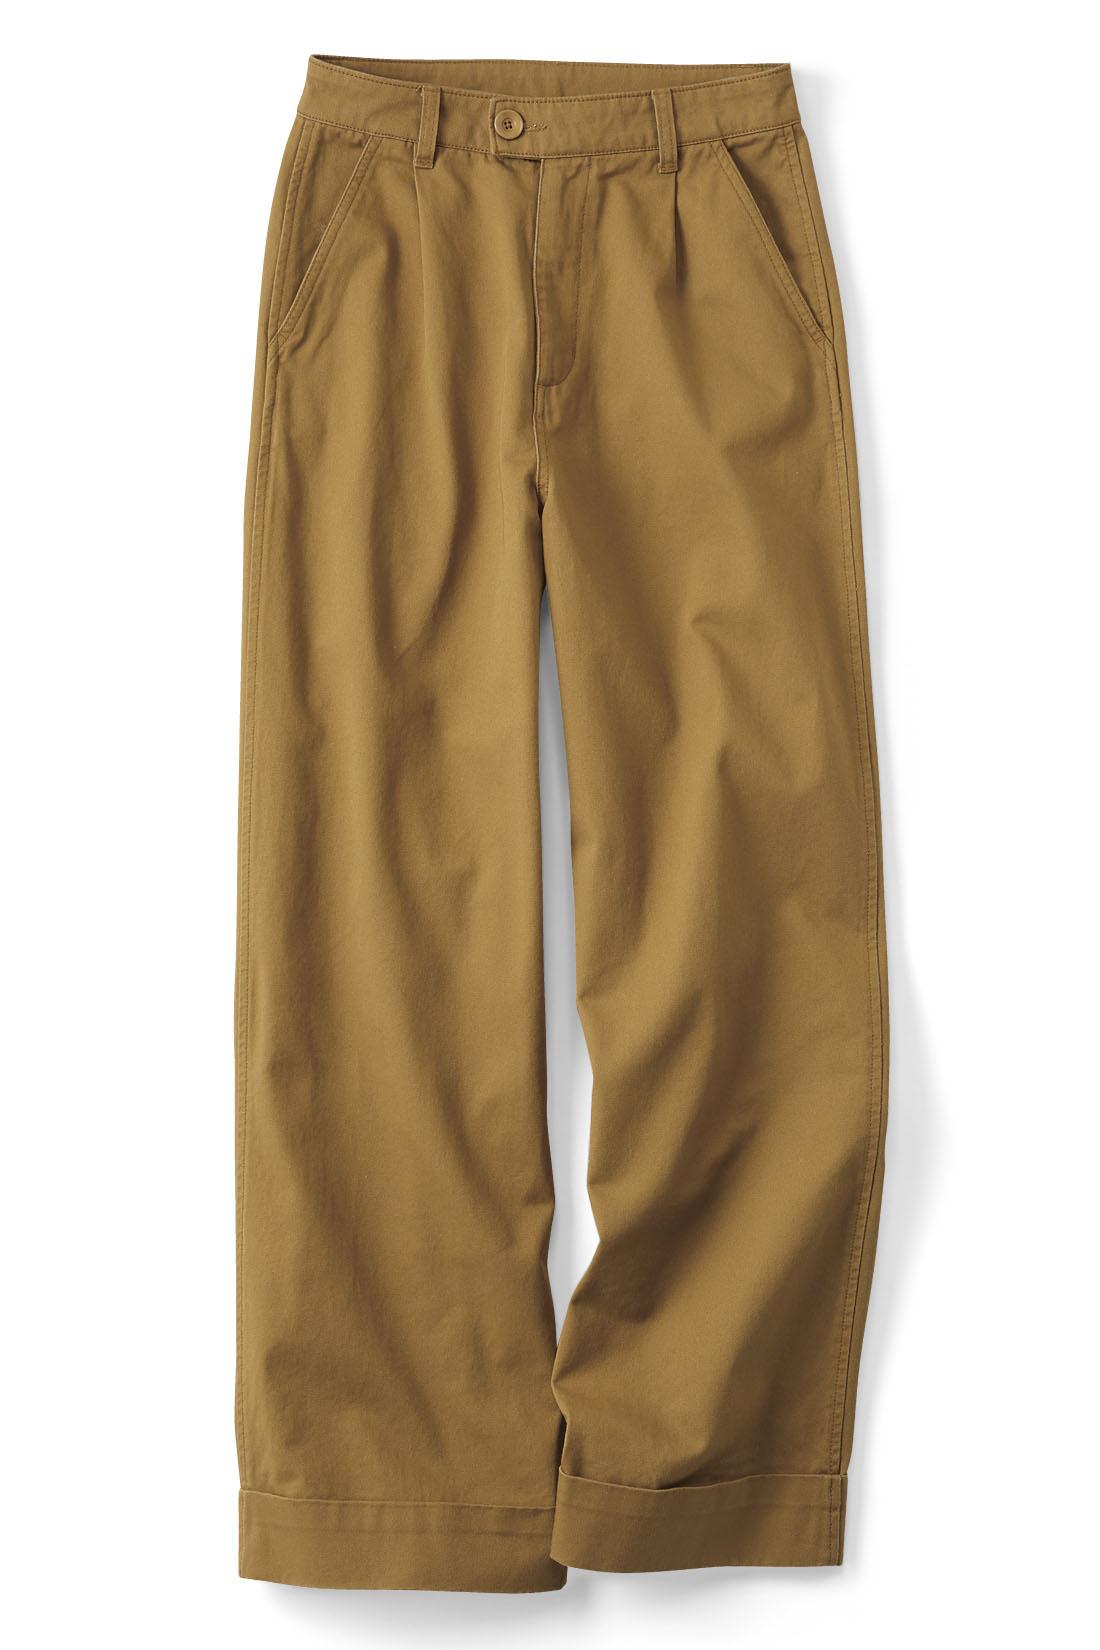 秋らしさナンバーワンの〈キャメル〉 太め幅のダブルのすそでほどよくきちんと。縫い付けてあるからバランスに悩みません。